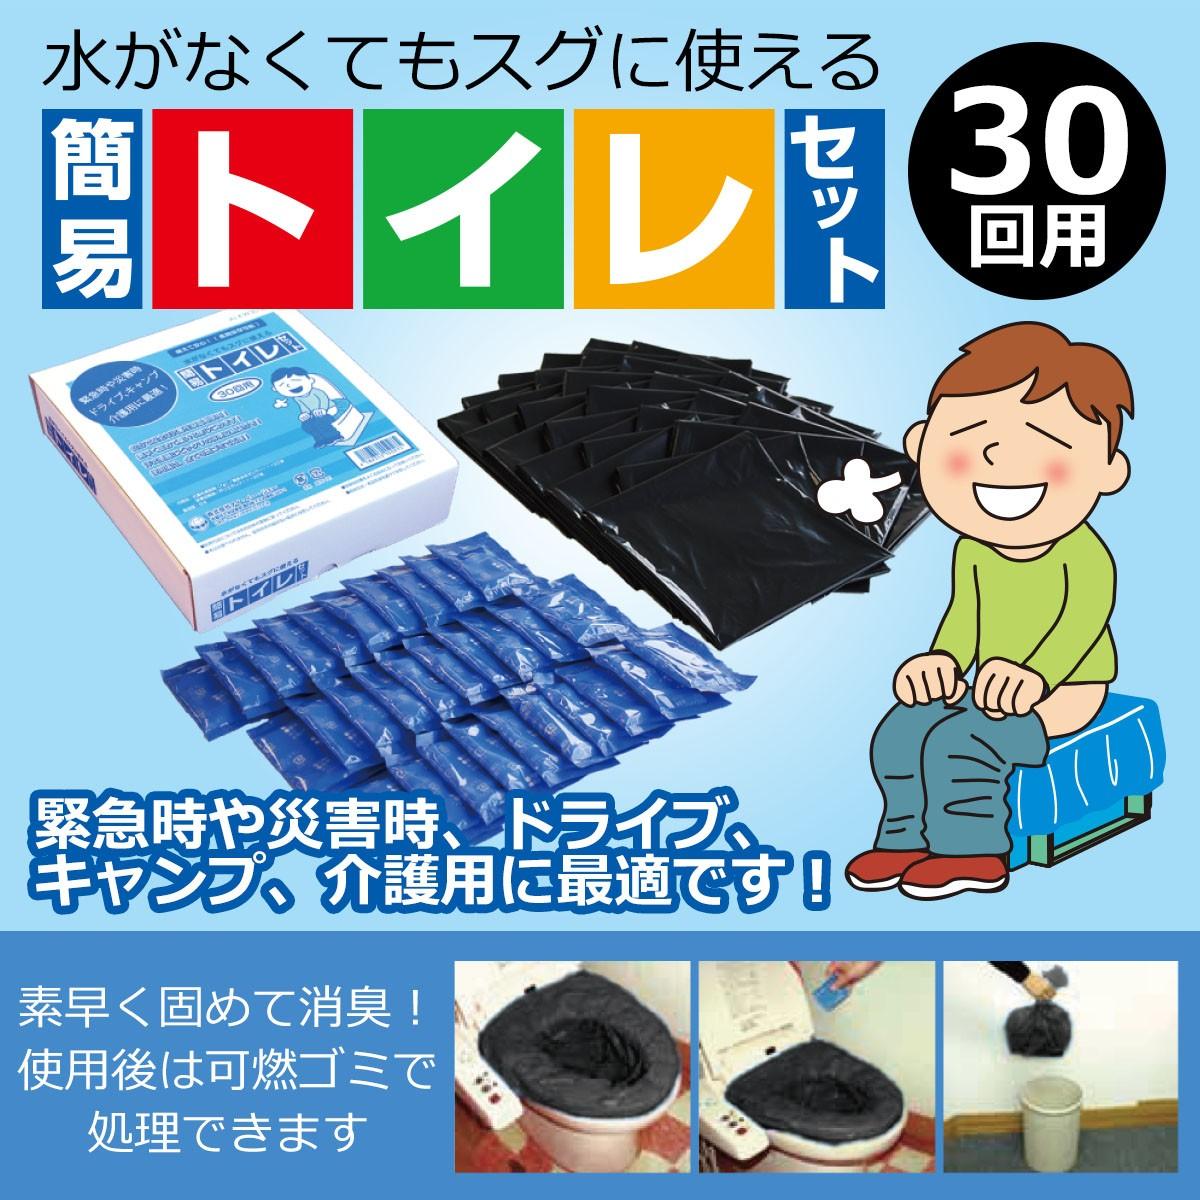 防災グッズ 抗菌 非常用トイレ 洋式30回分 簡易トイレ 防災 災害 介護 日本製 携帯トイレ